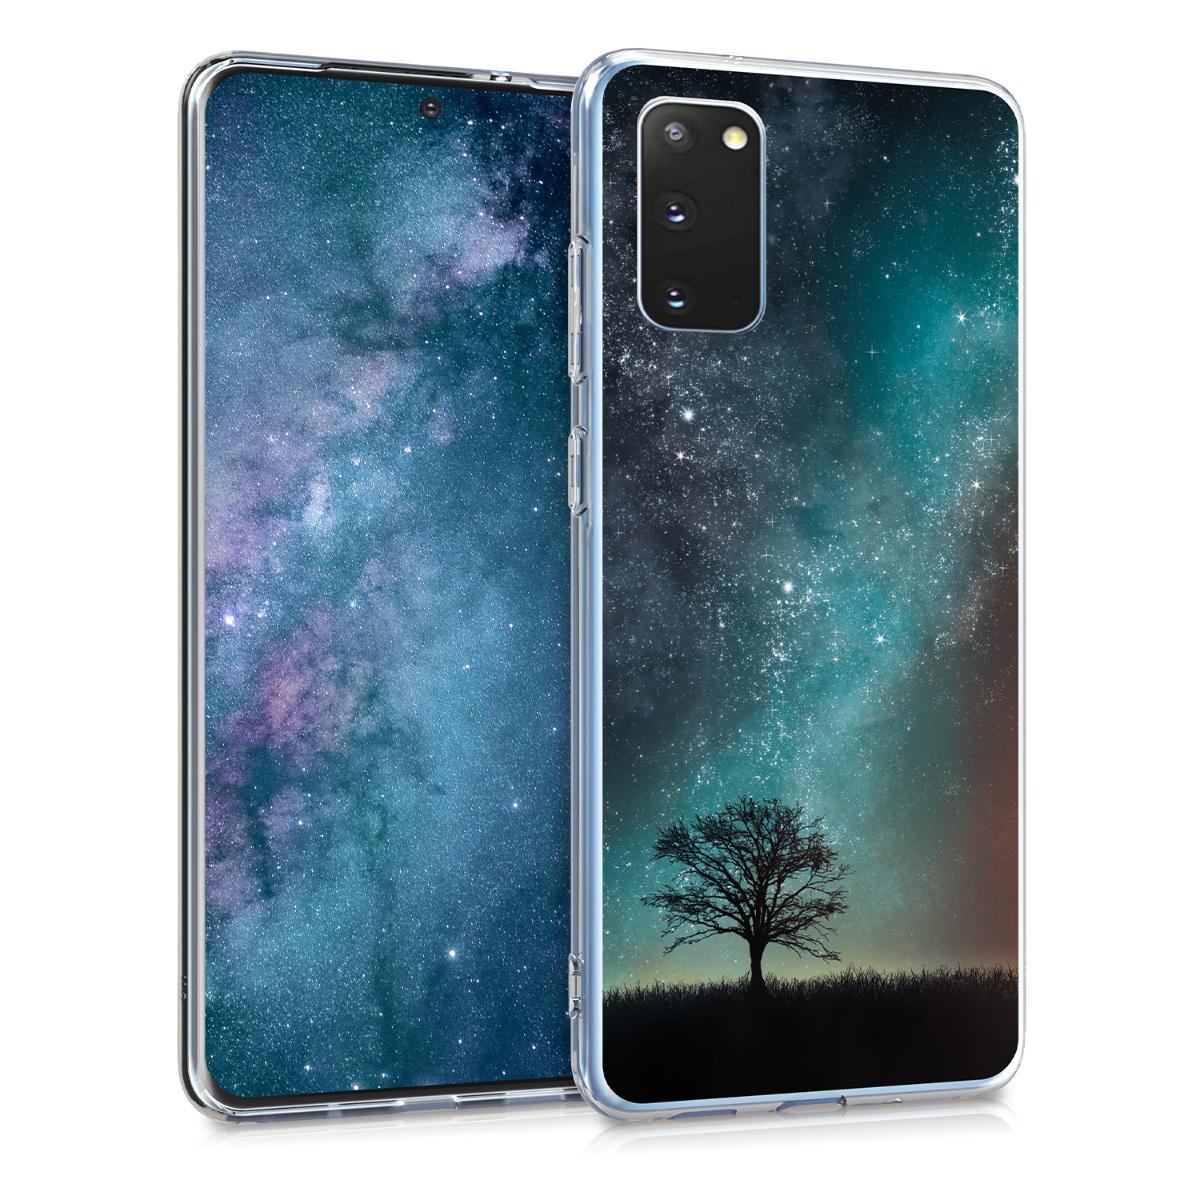 Silikonové pouzdro / obal pro Samsung S20 s motivem vesmíru a přírody